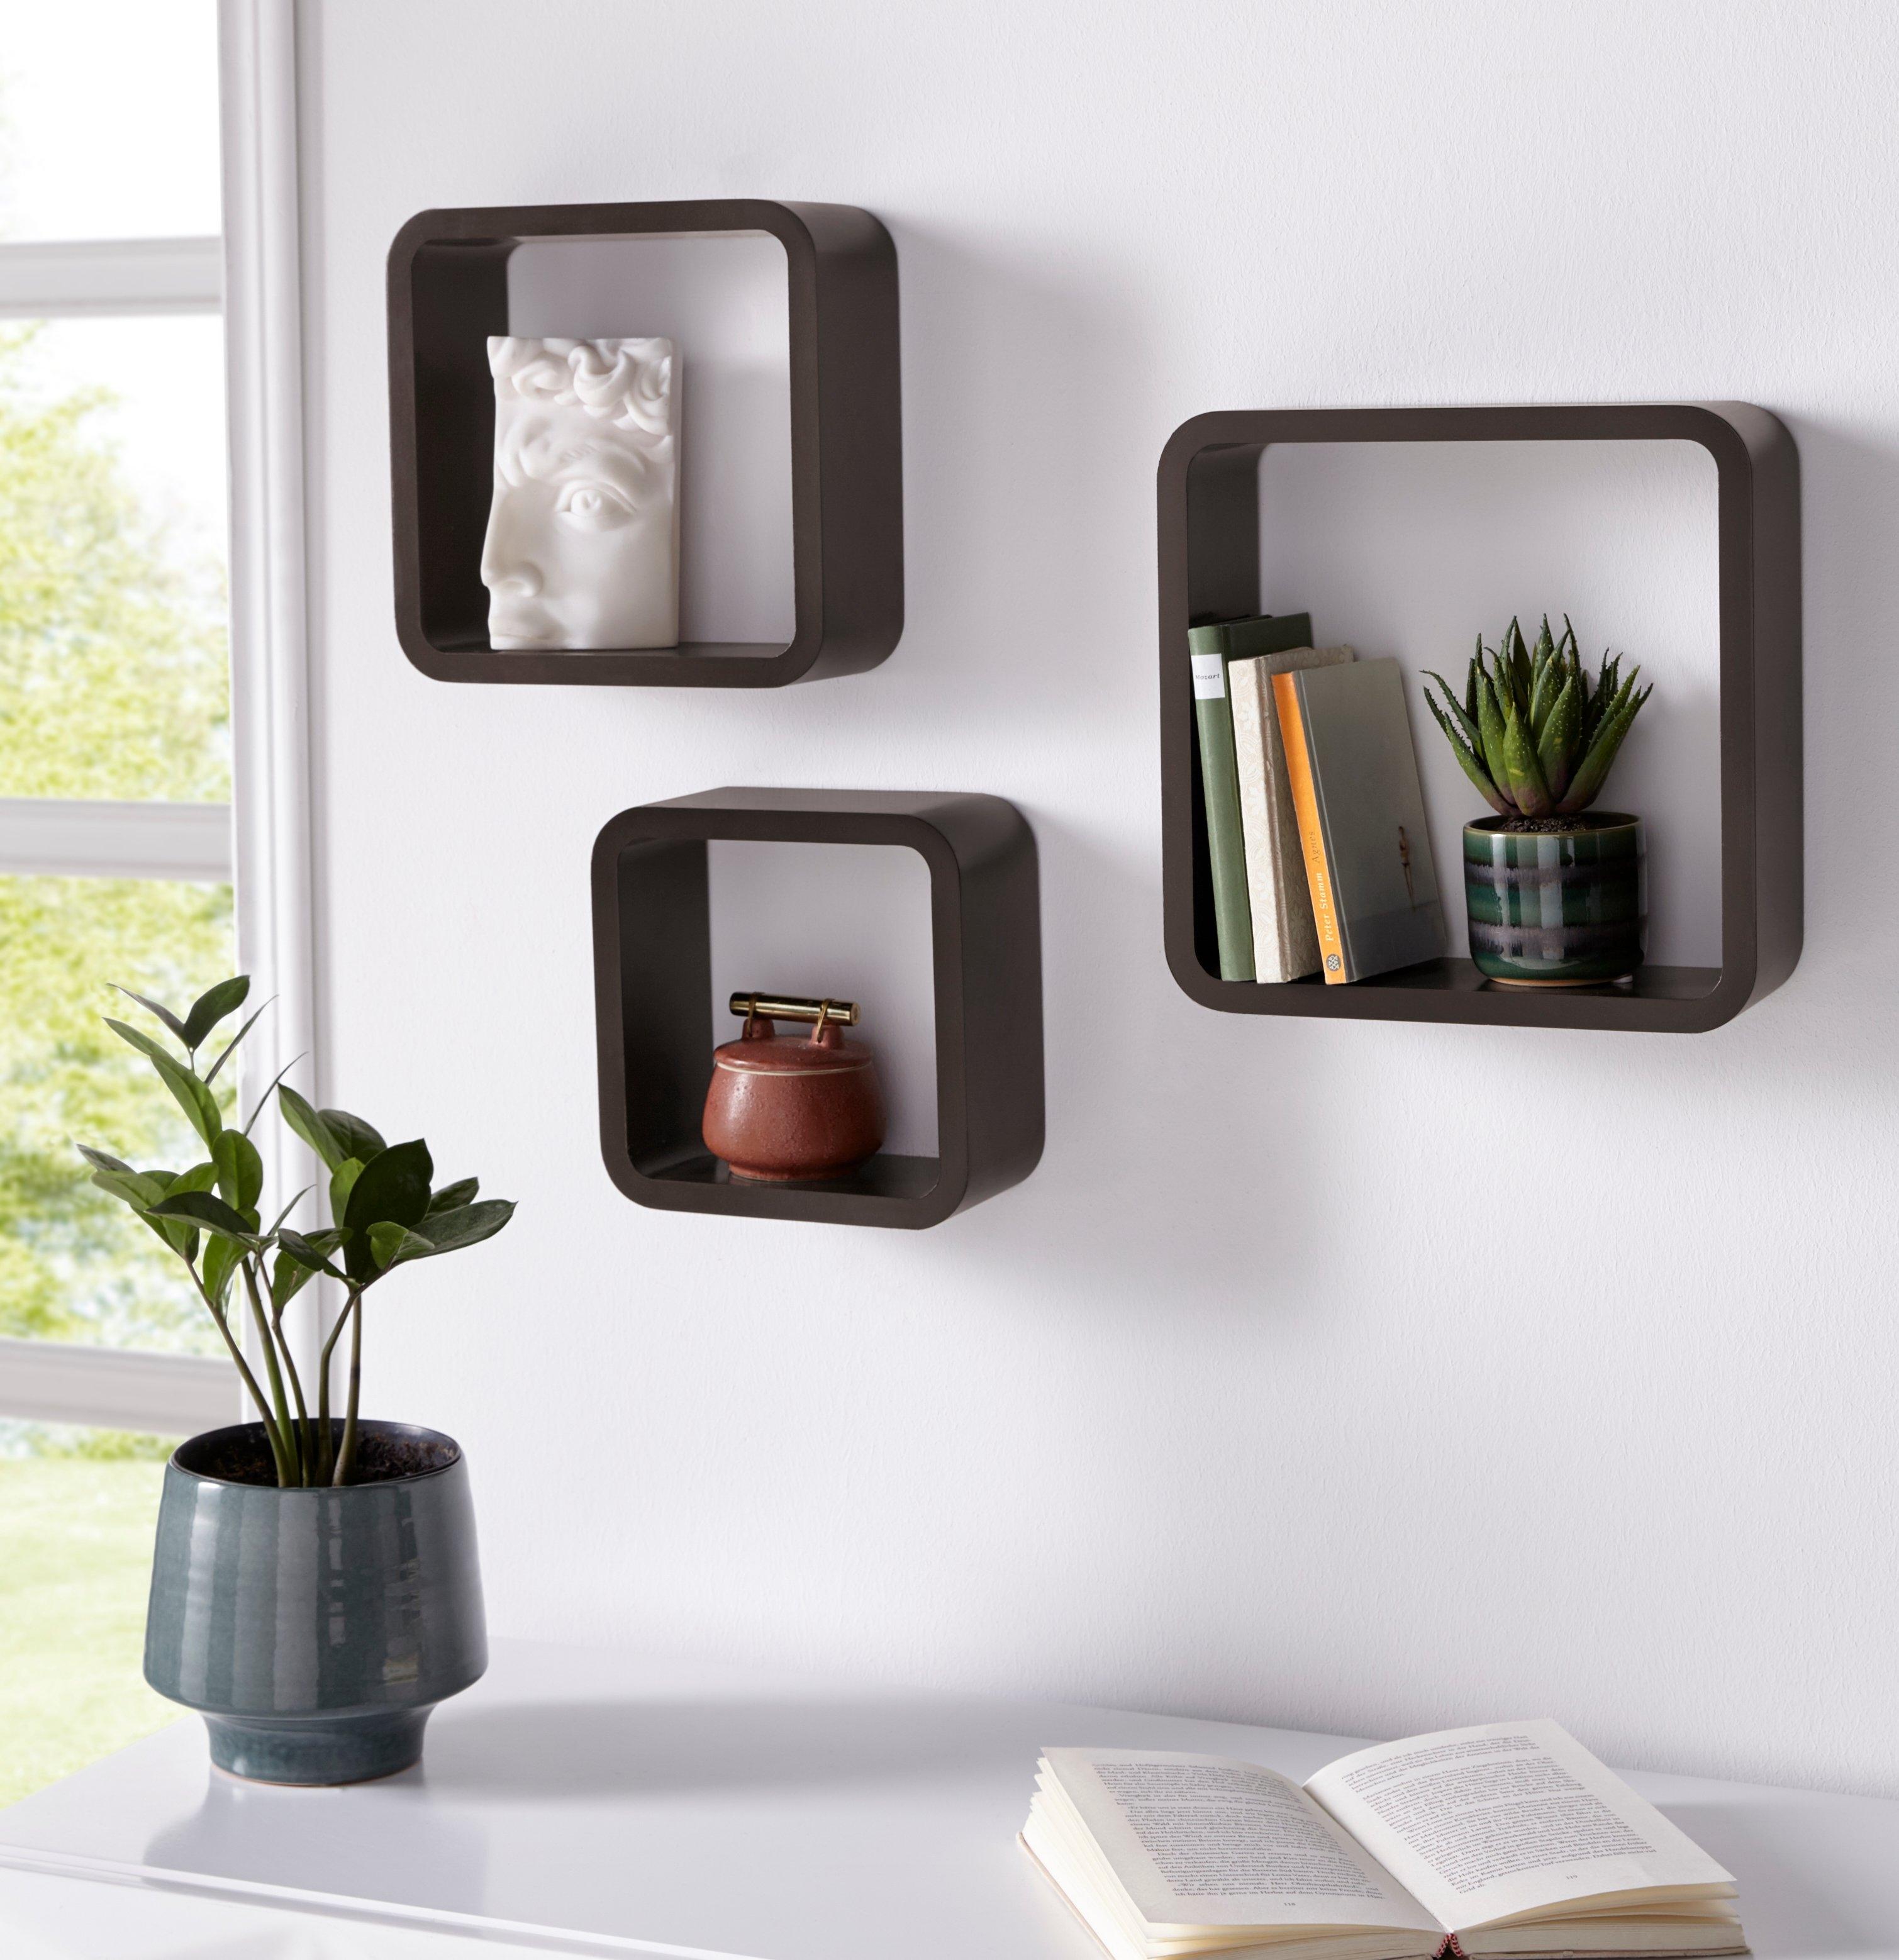 Home affaire Wandrek Decoratief rek, wanddecoratie, retro (set, 3 stuks) bij OTTO online kopen